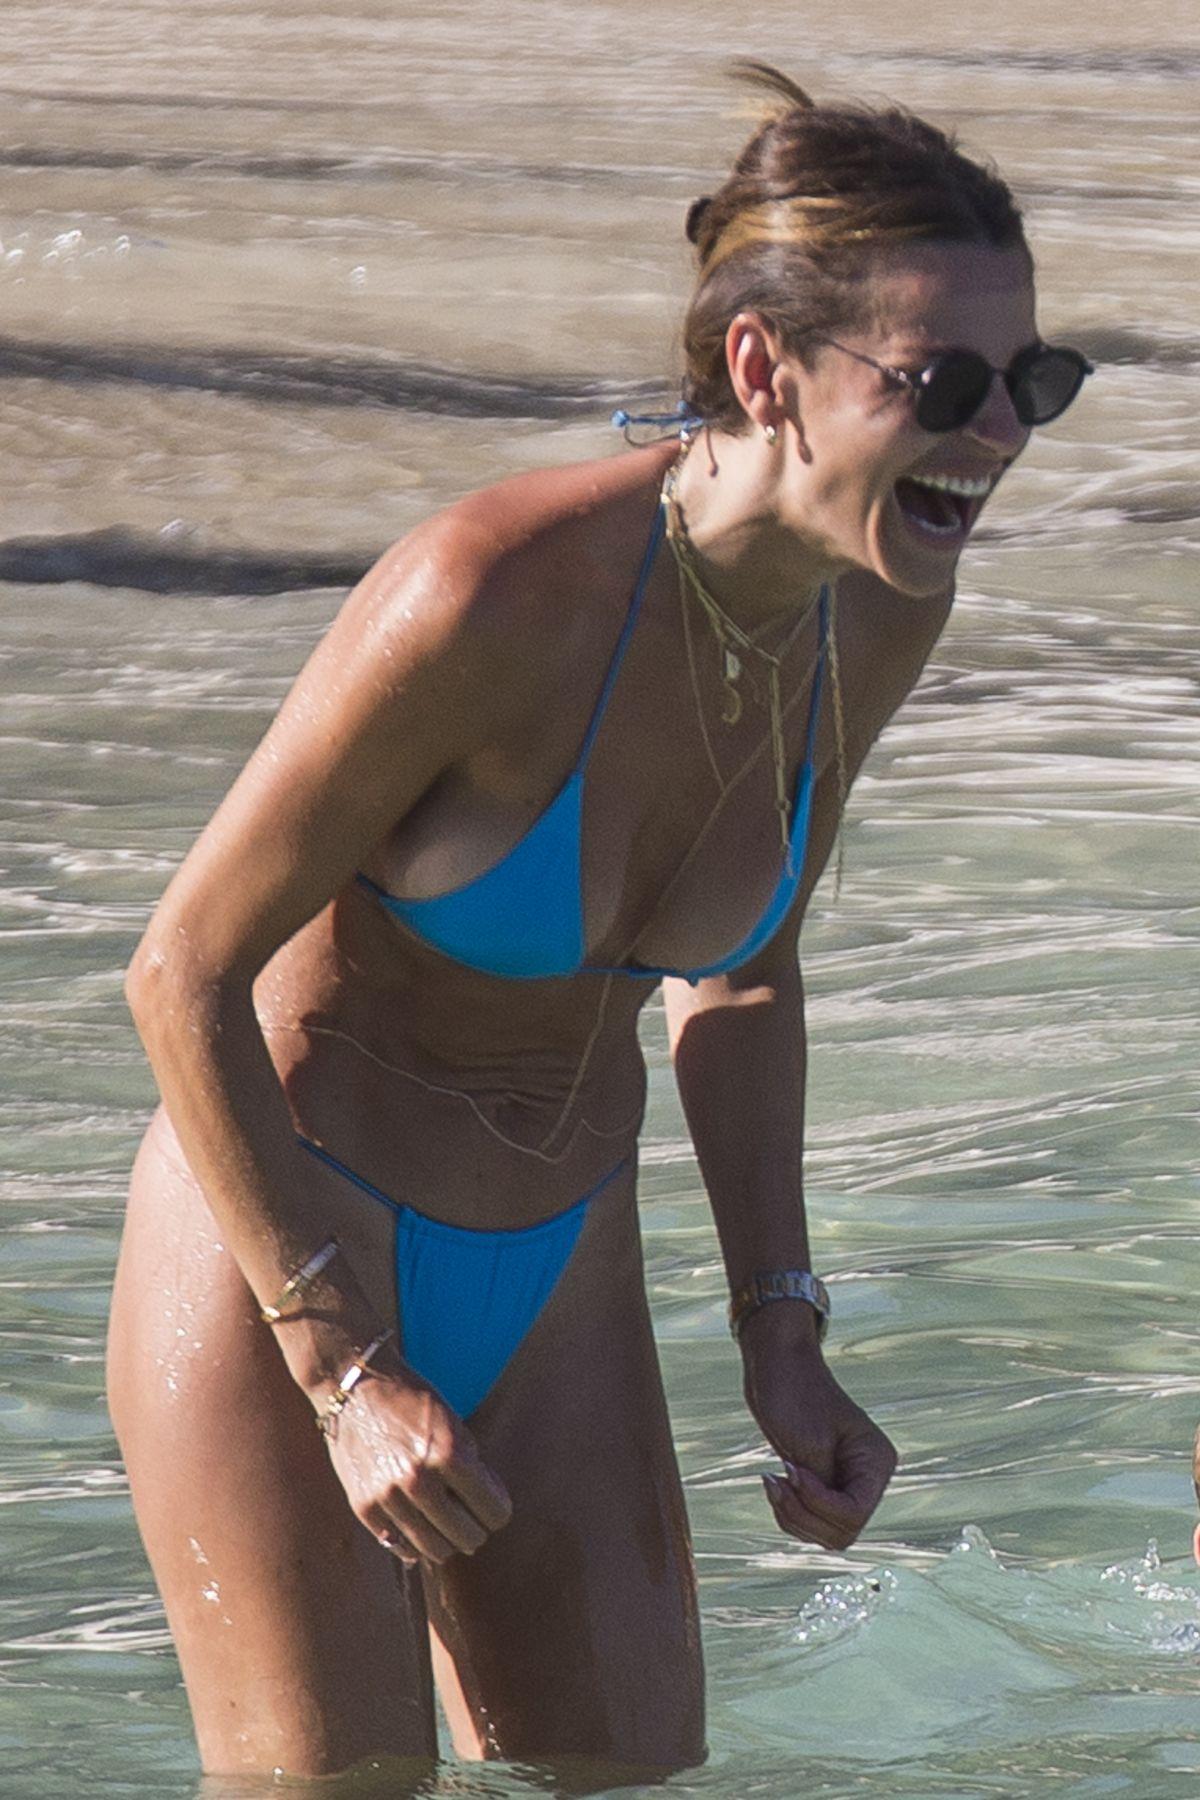 Misse Beqiri Bikini Beach Spain